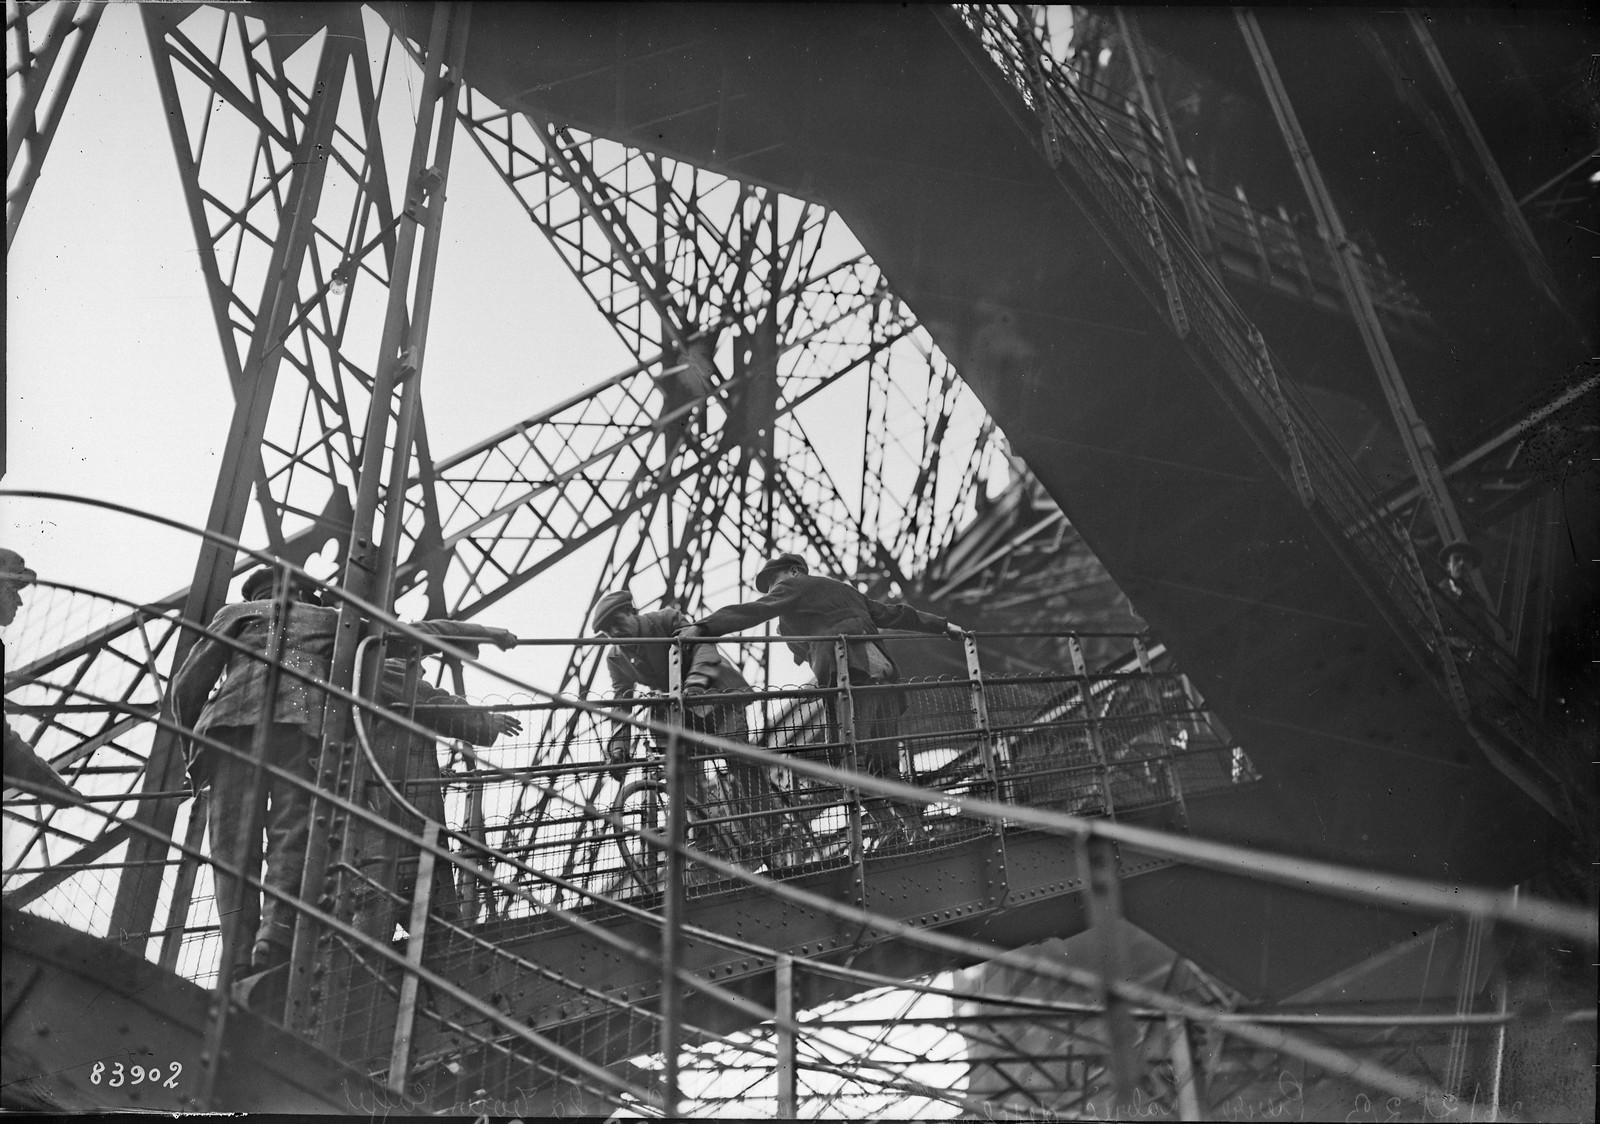 19. 1922. Пьер Лабрик спускается на велосипеде с 1-го этажа Эйфелевой башни